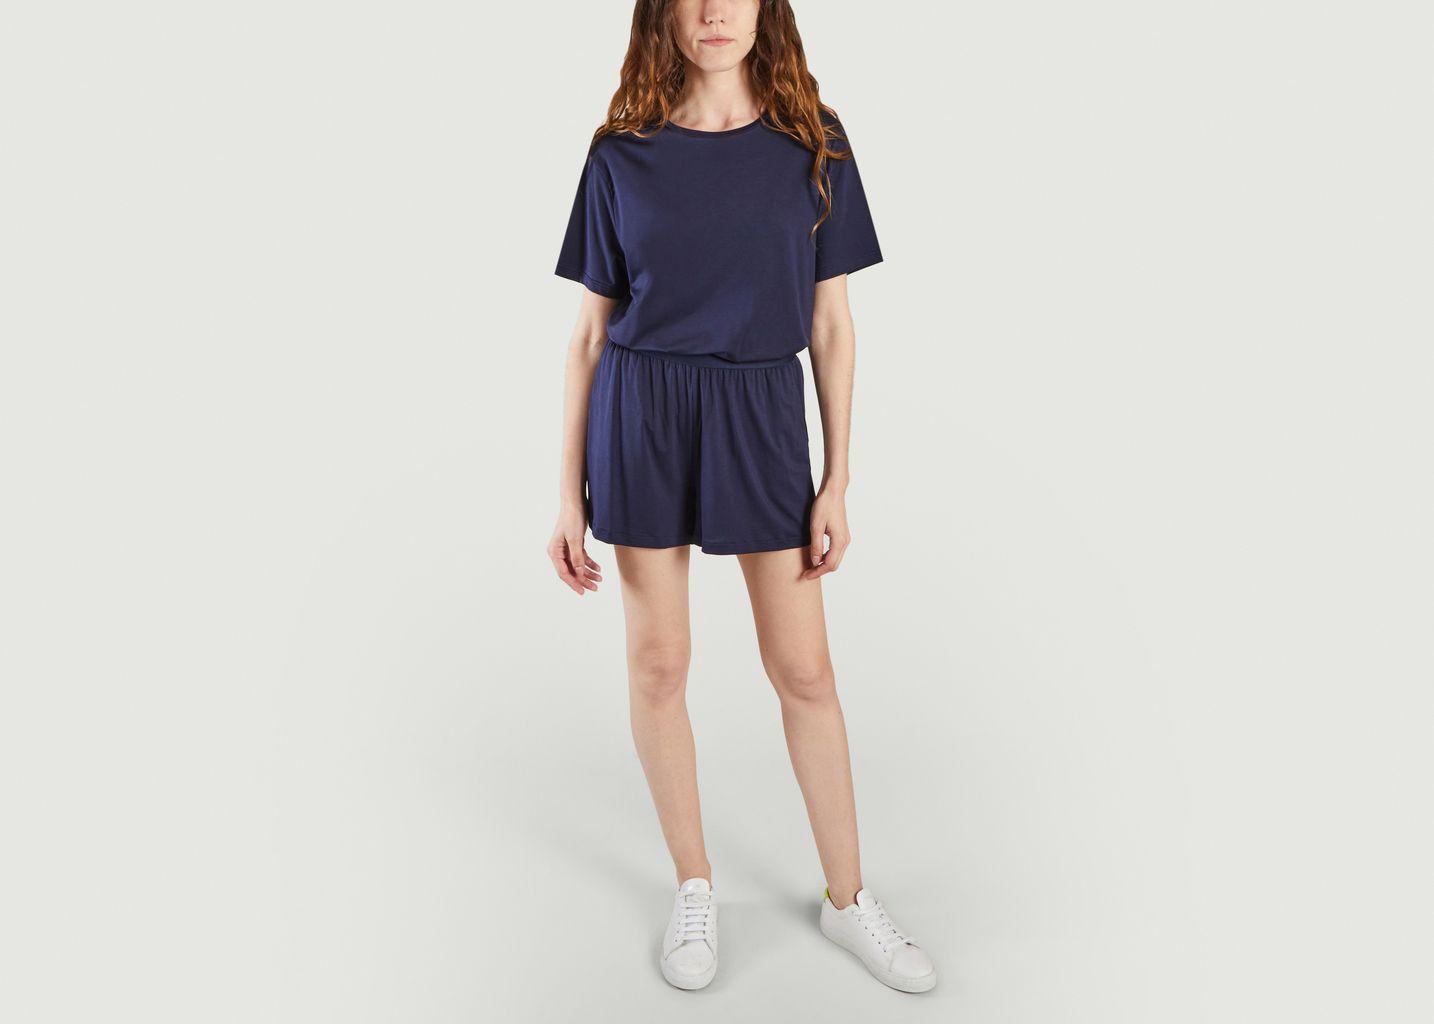 Robe t-shirt bleue légère en tencel - Organic Basics